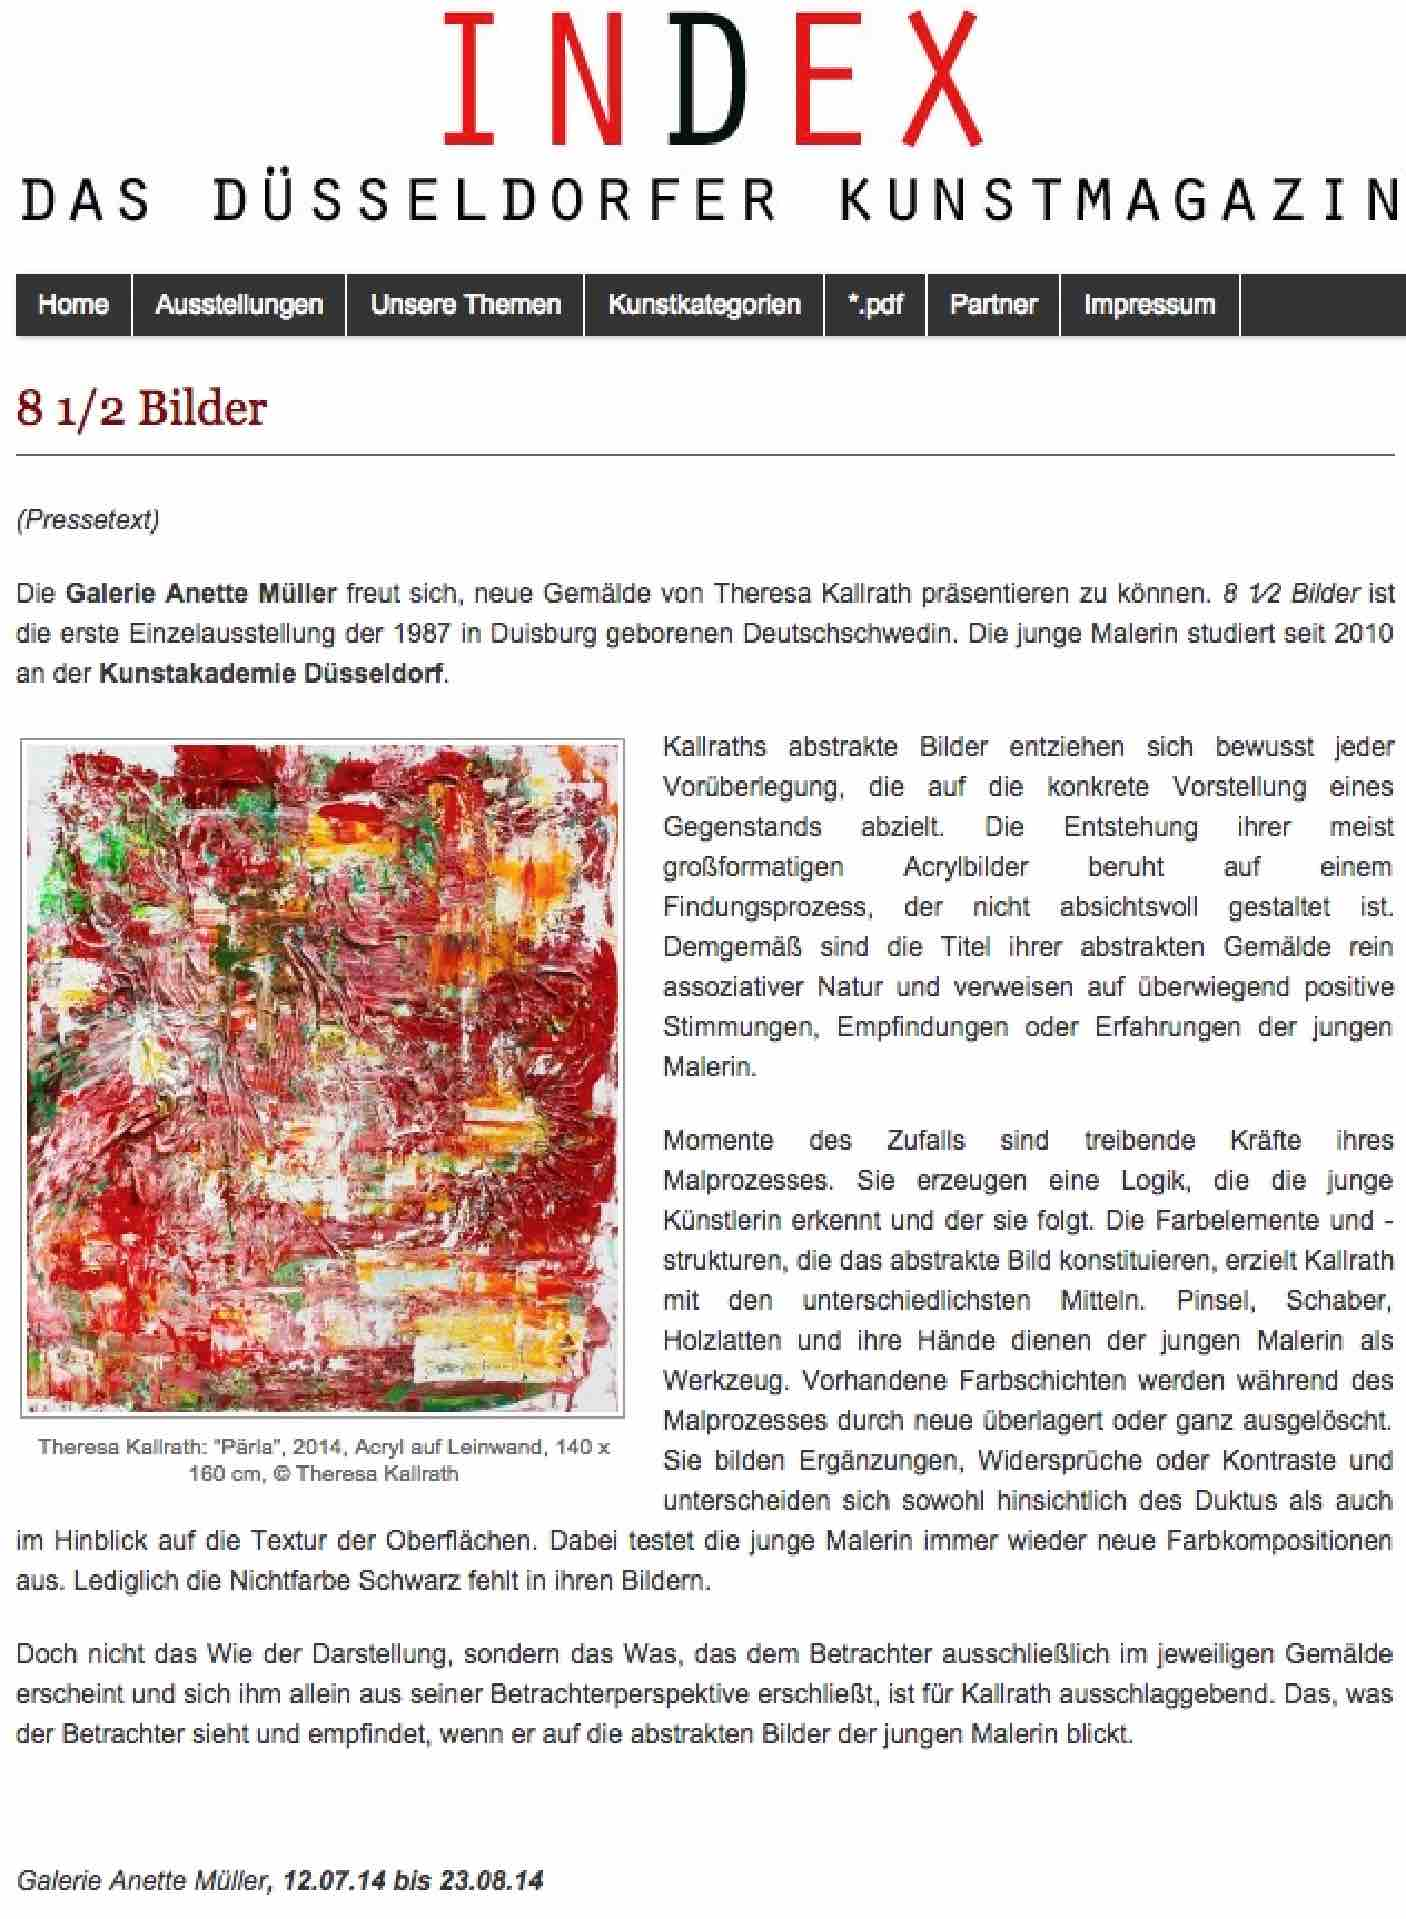 INDEX Magazin Das Düsseldorfer Kunstmagazin